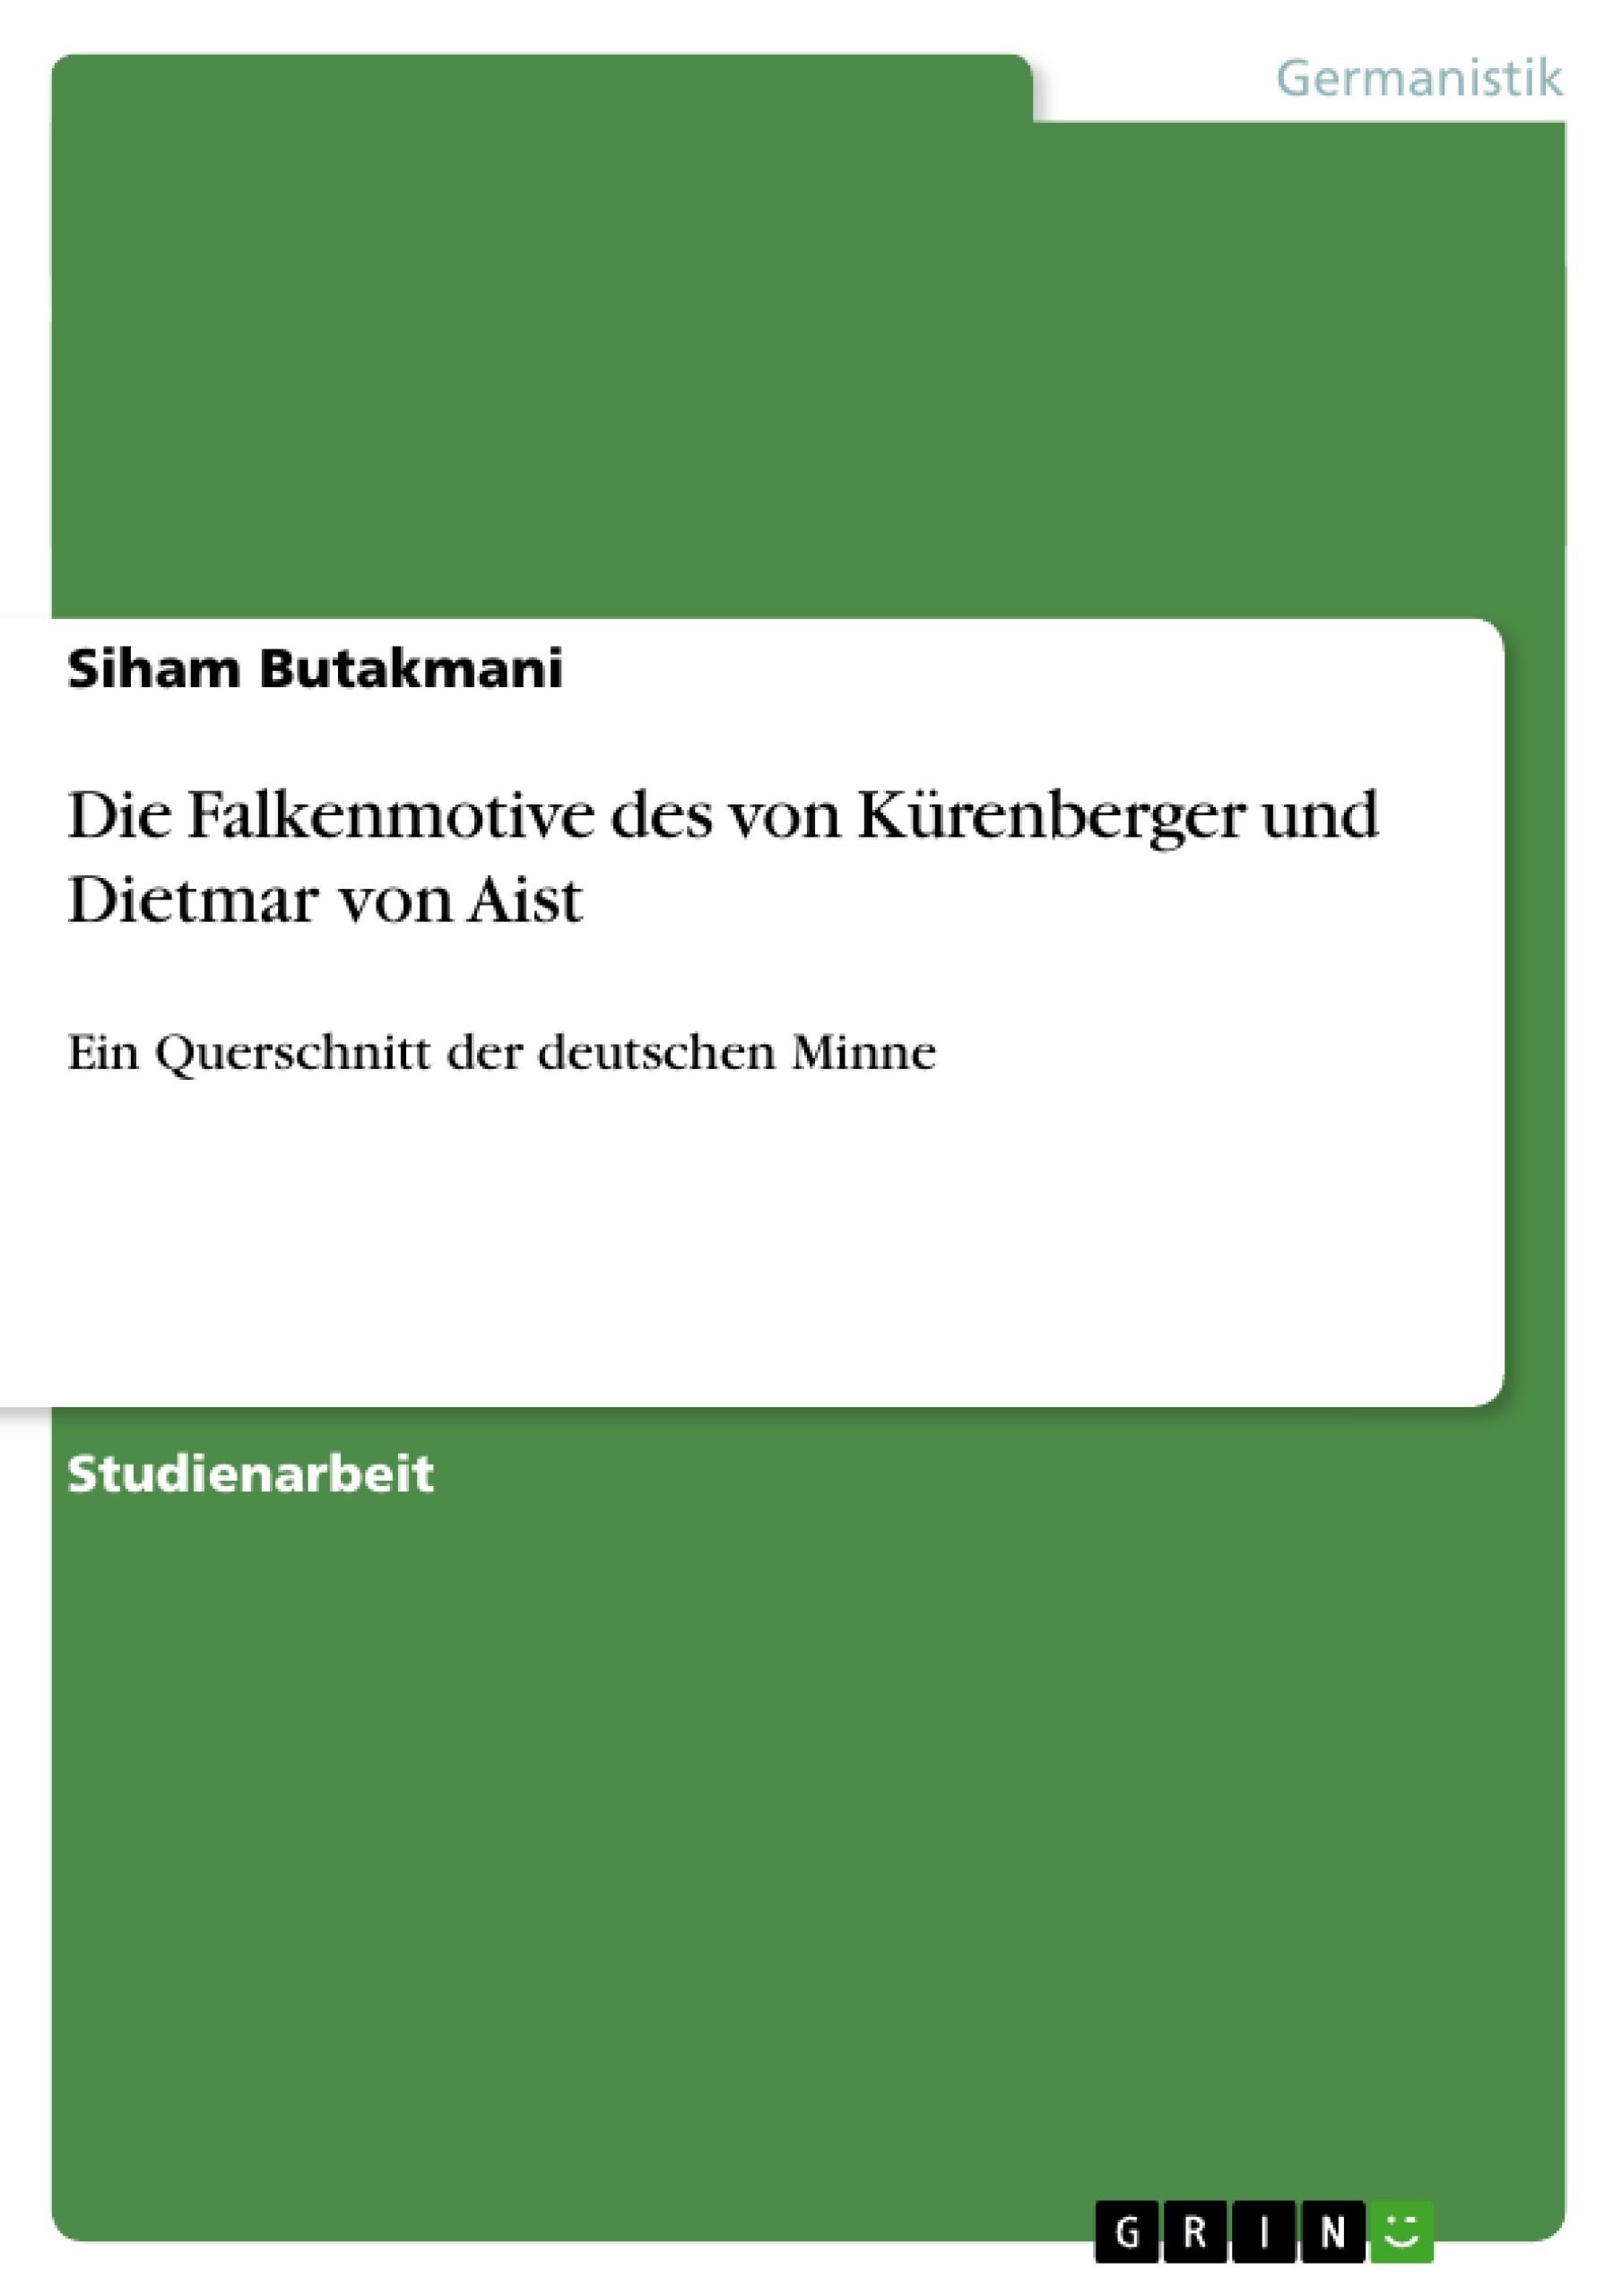 Titel: Die Falkenmotive des von Kürenberger und Dietmar von Aist